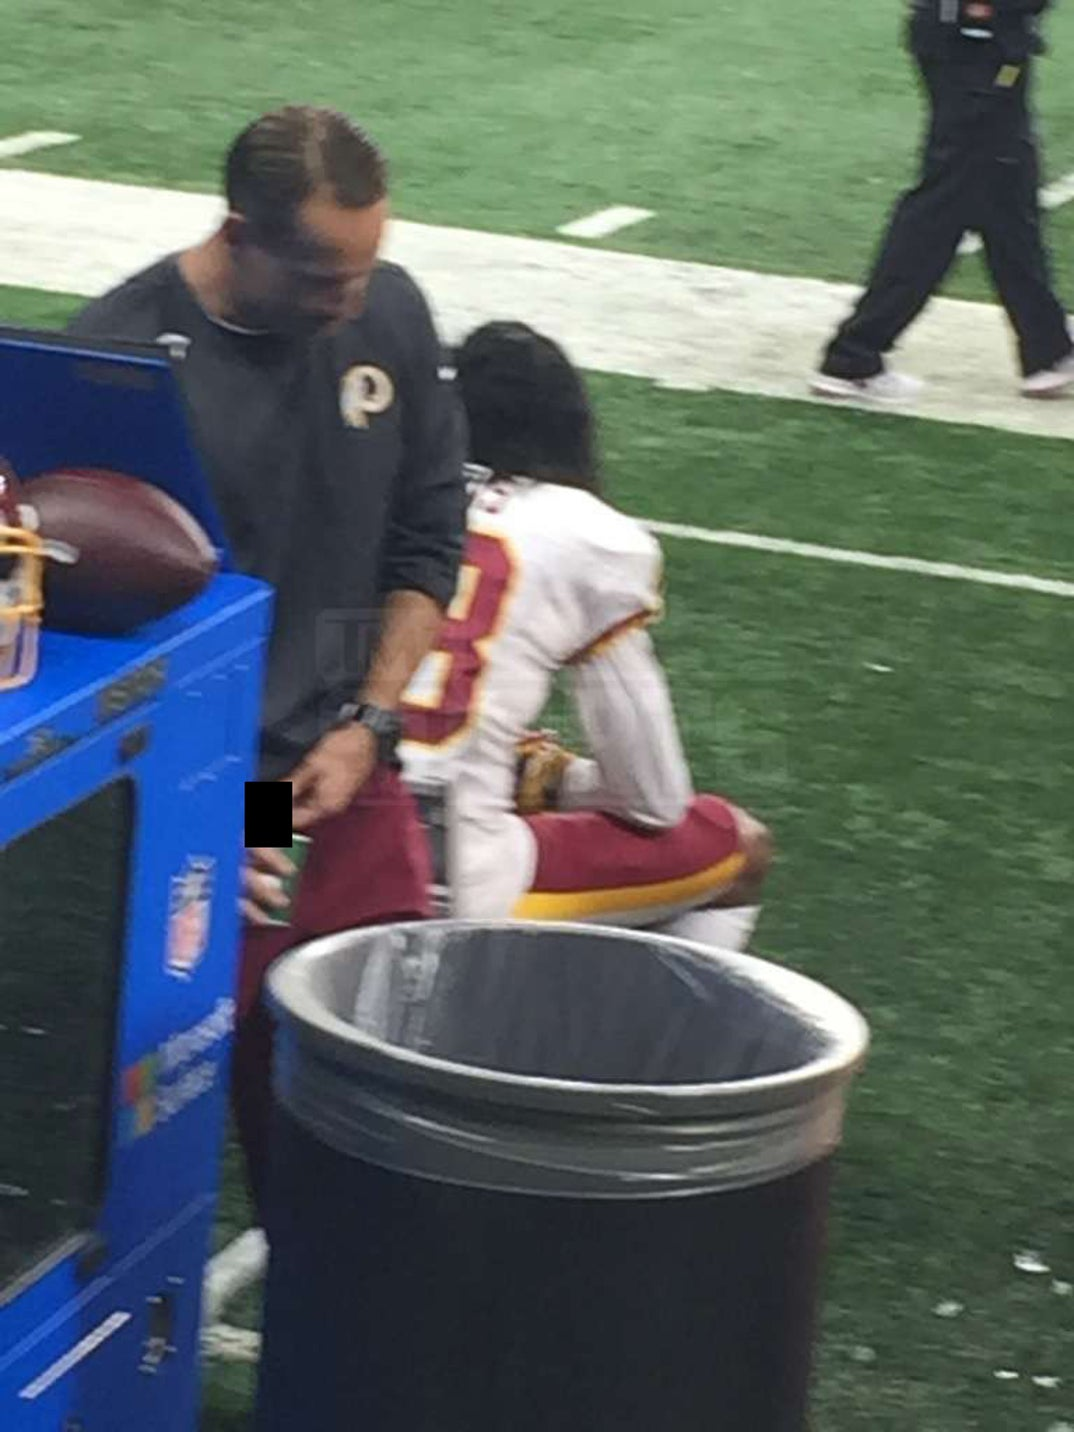 736c0b7b Redskins Asst. Coach -- Pees In Gatorade Cup On Sideline ... Fan ...